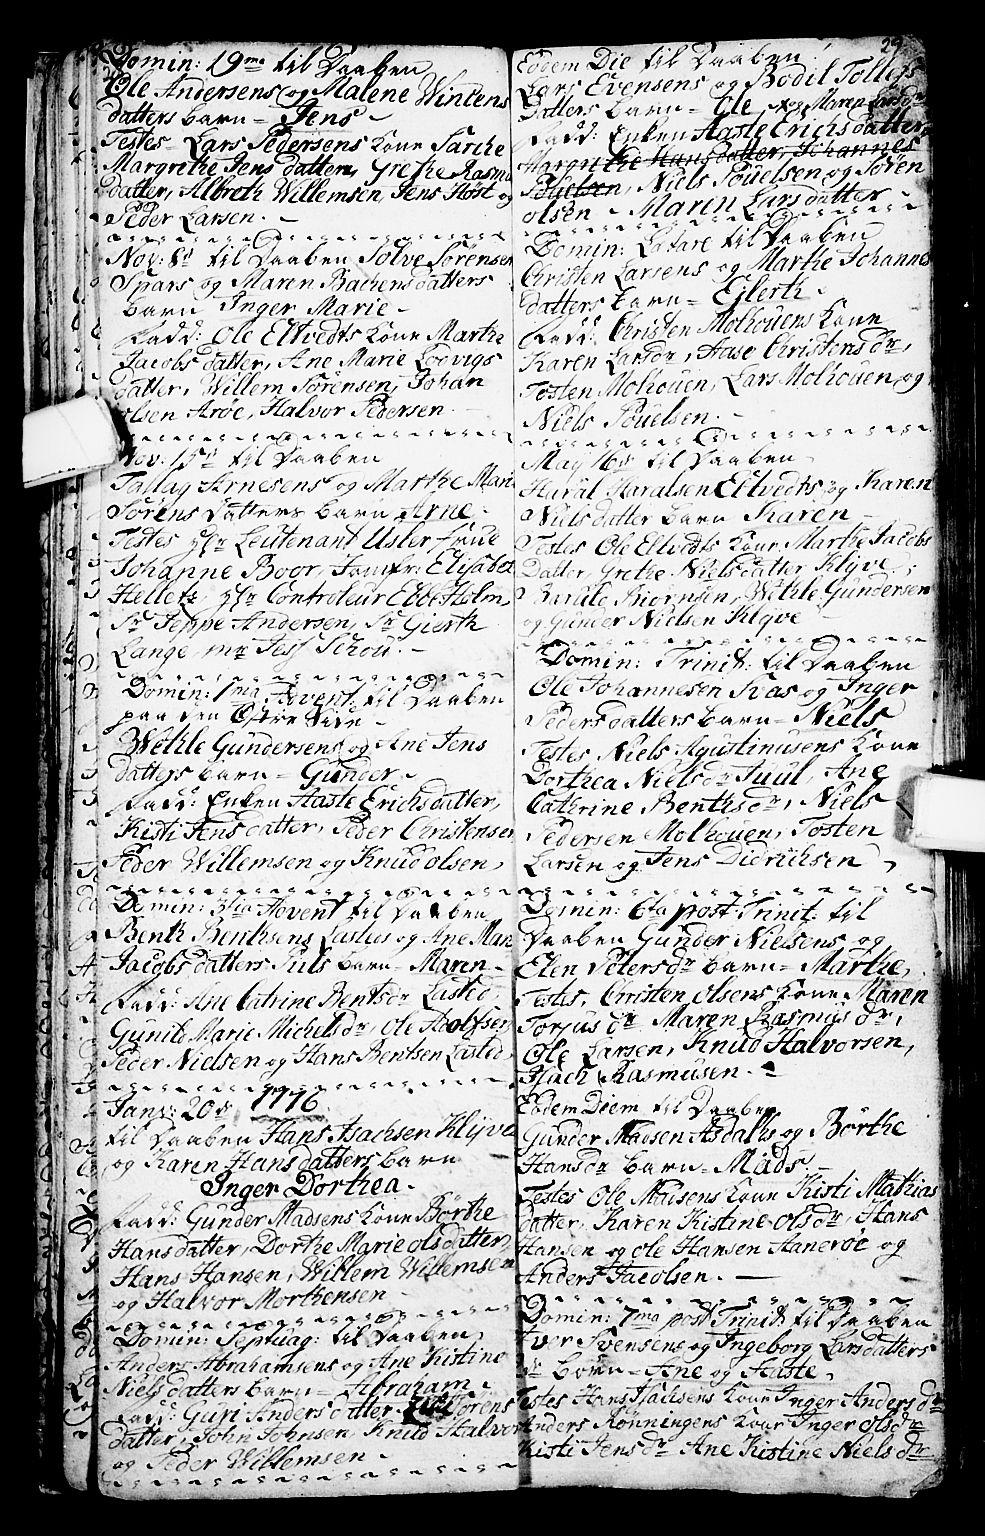 SAKO, Porsgrunn kirkebøker , G/Ga/L0001: Klokkerbok nr. I 1, 1766-1790, s. 28-29